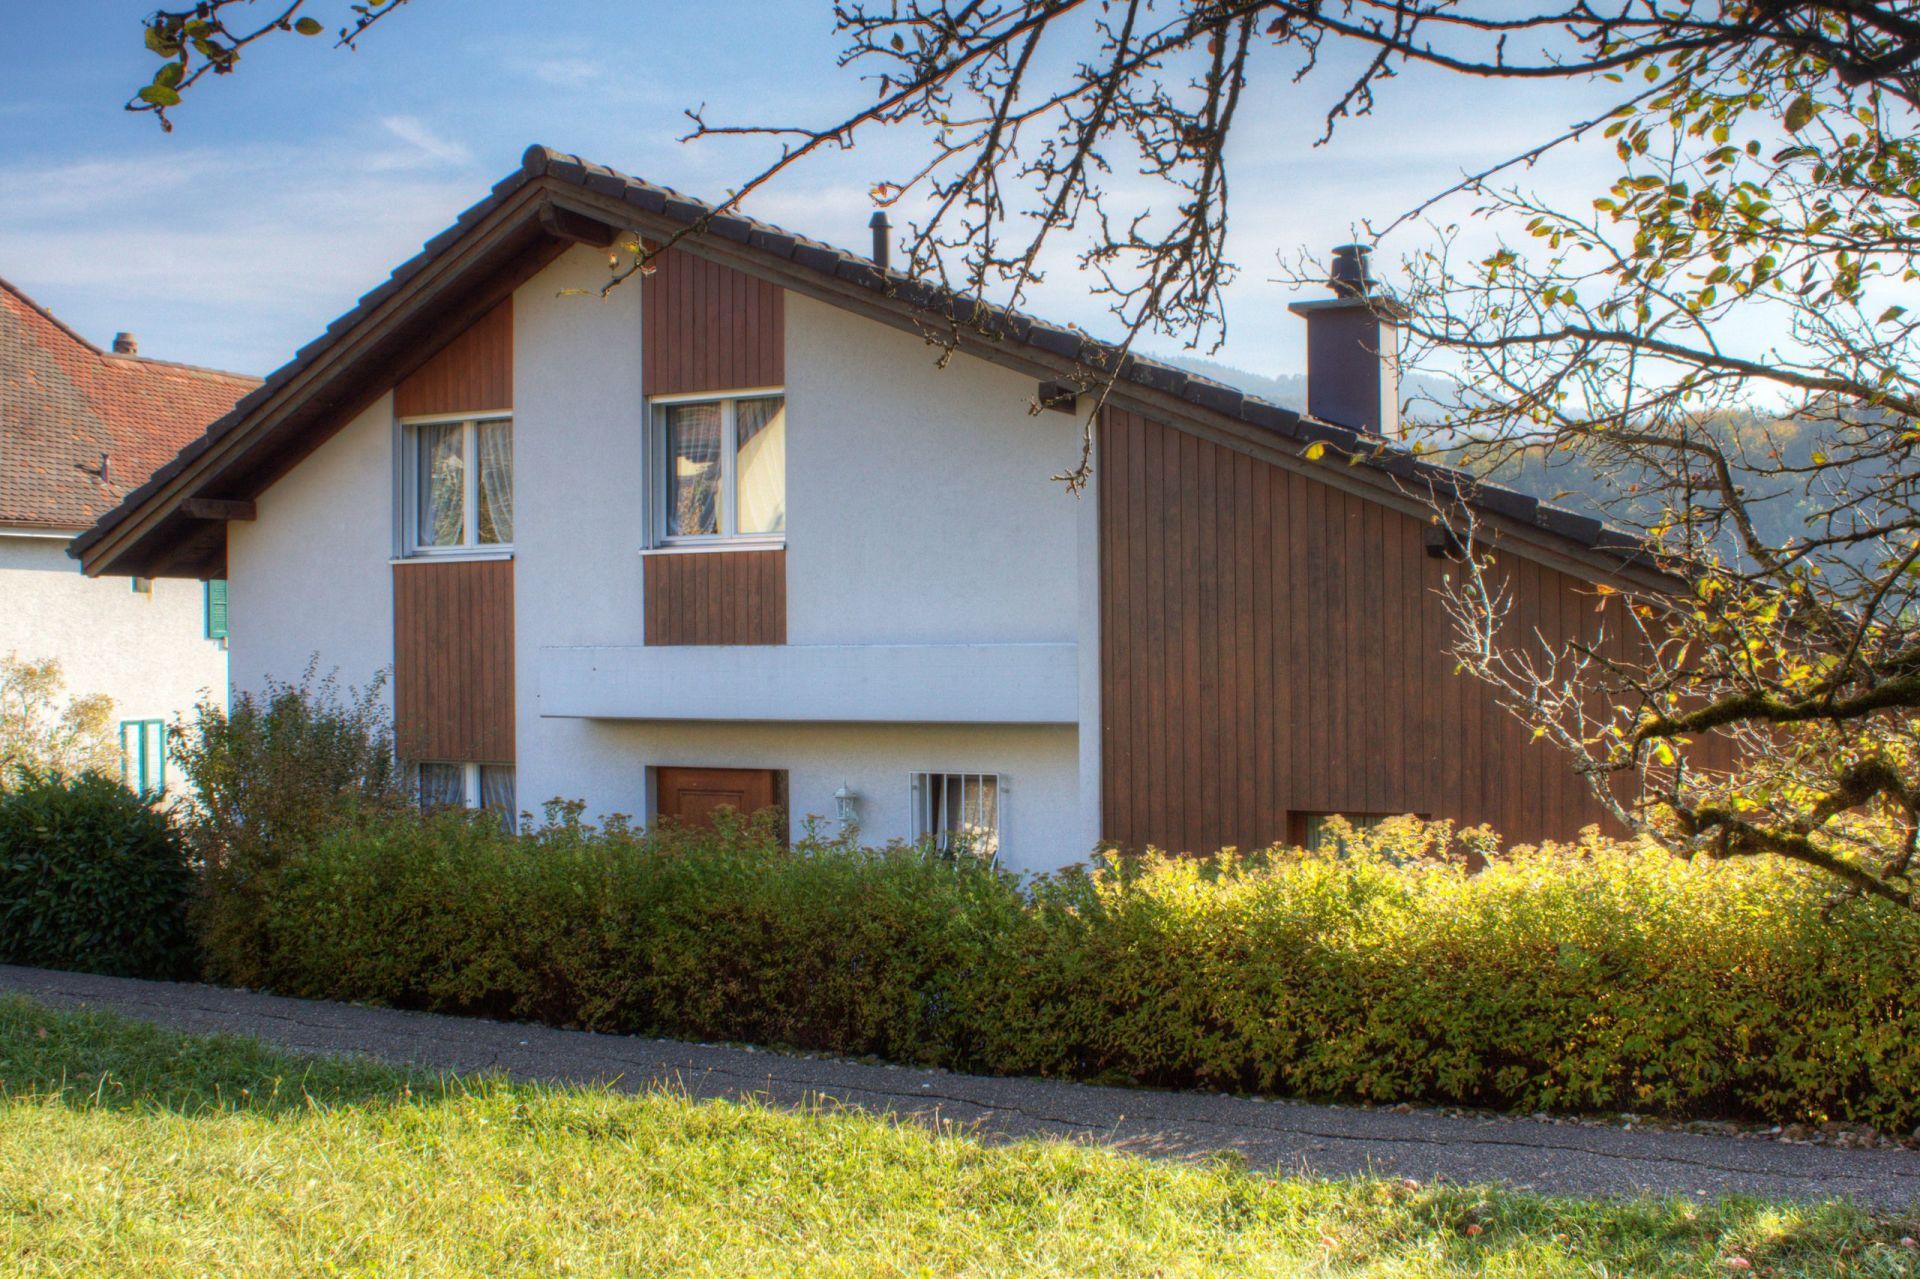 Miete: Einfamilienhaus an ruhiger und sonniger Lage